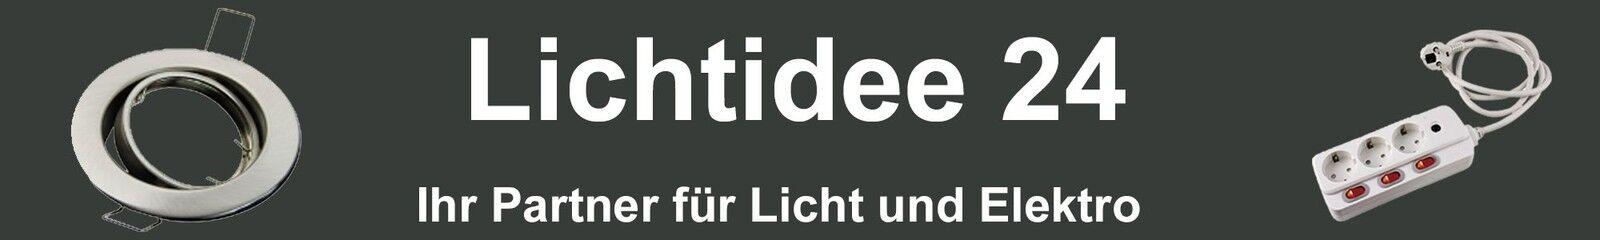 lichtidee24